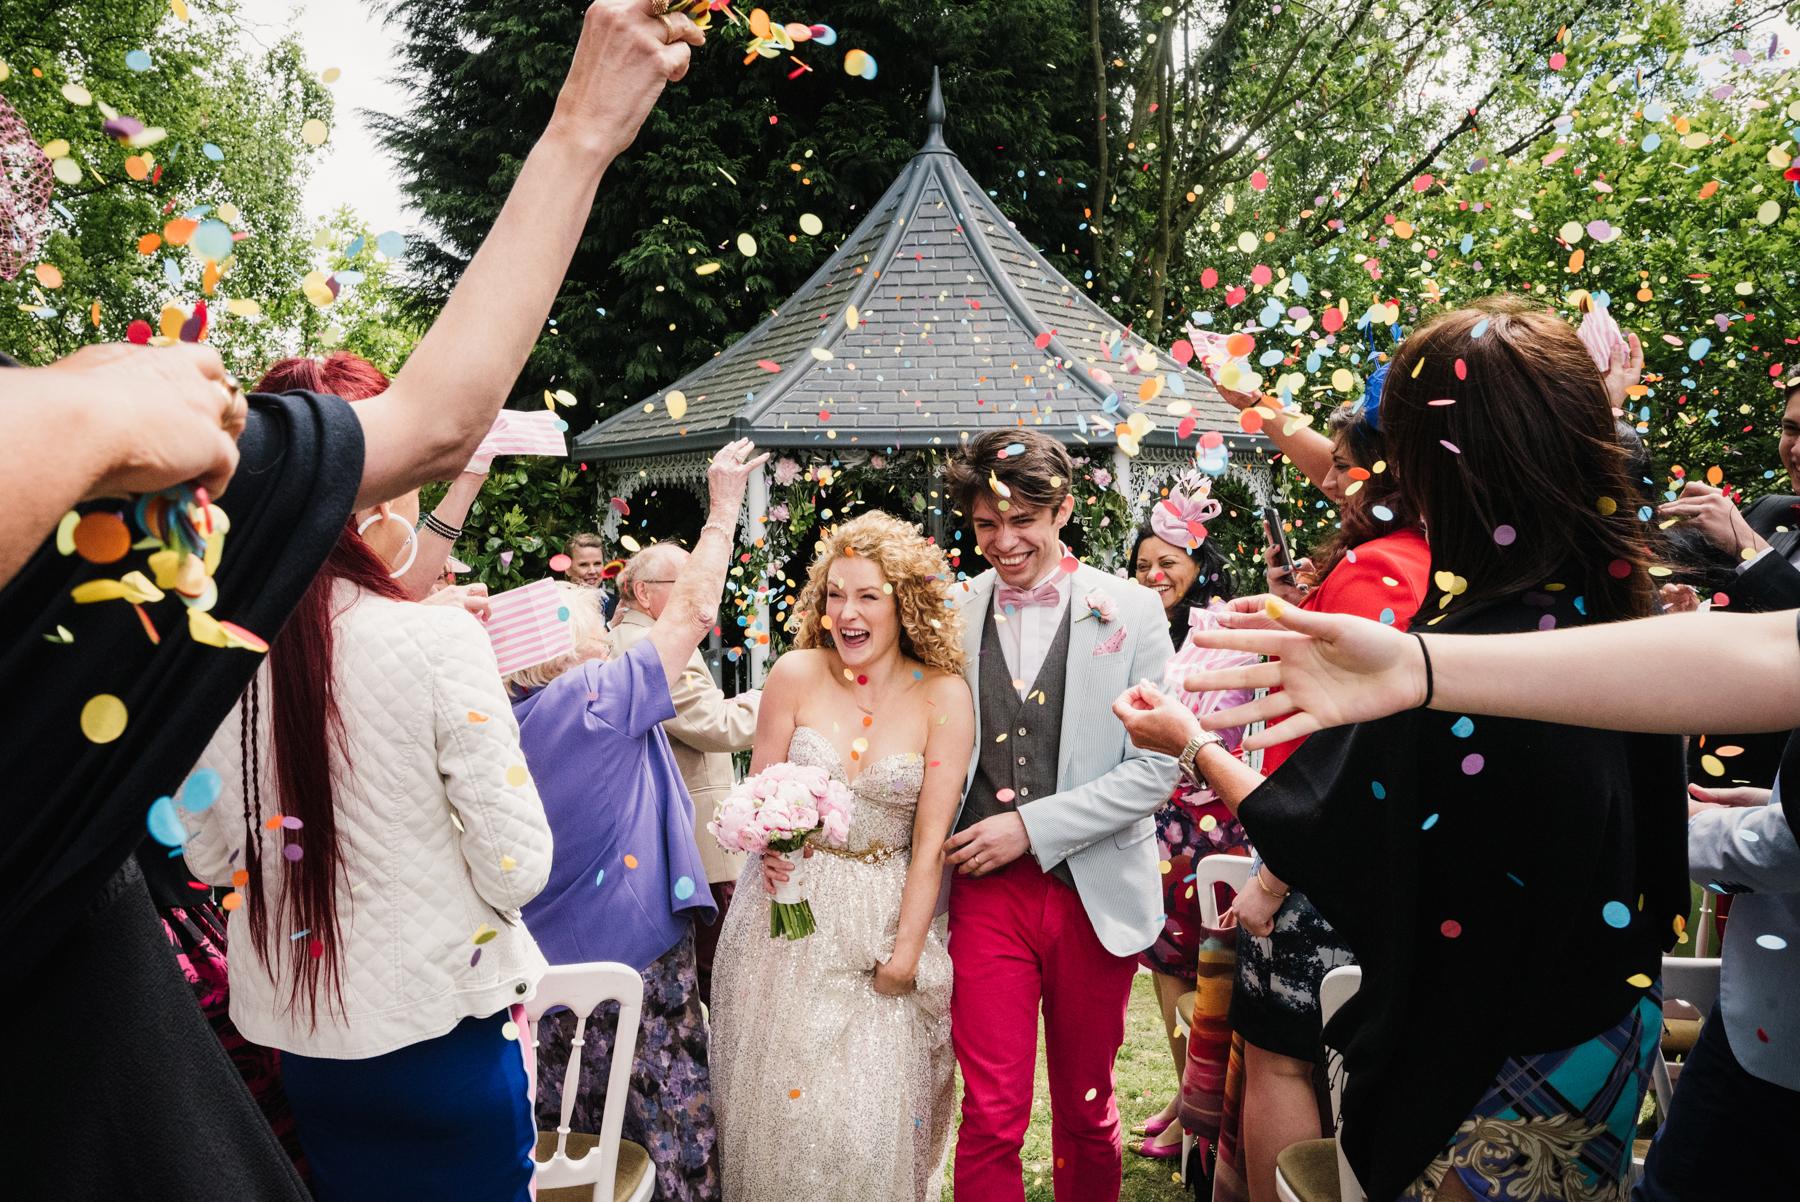 Sarah Seven bride confetti shower